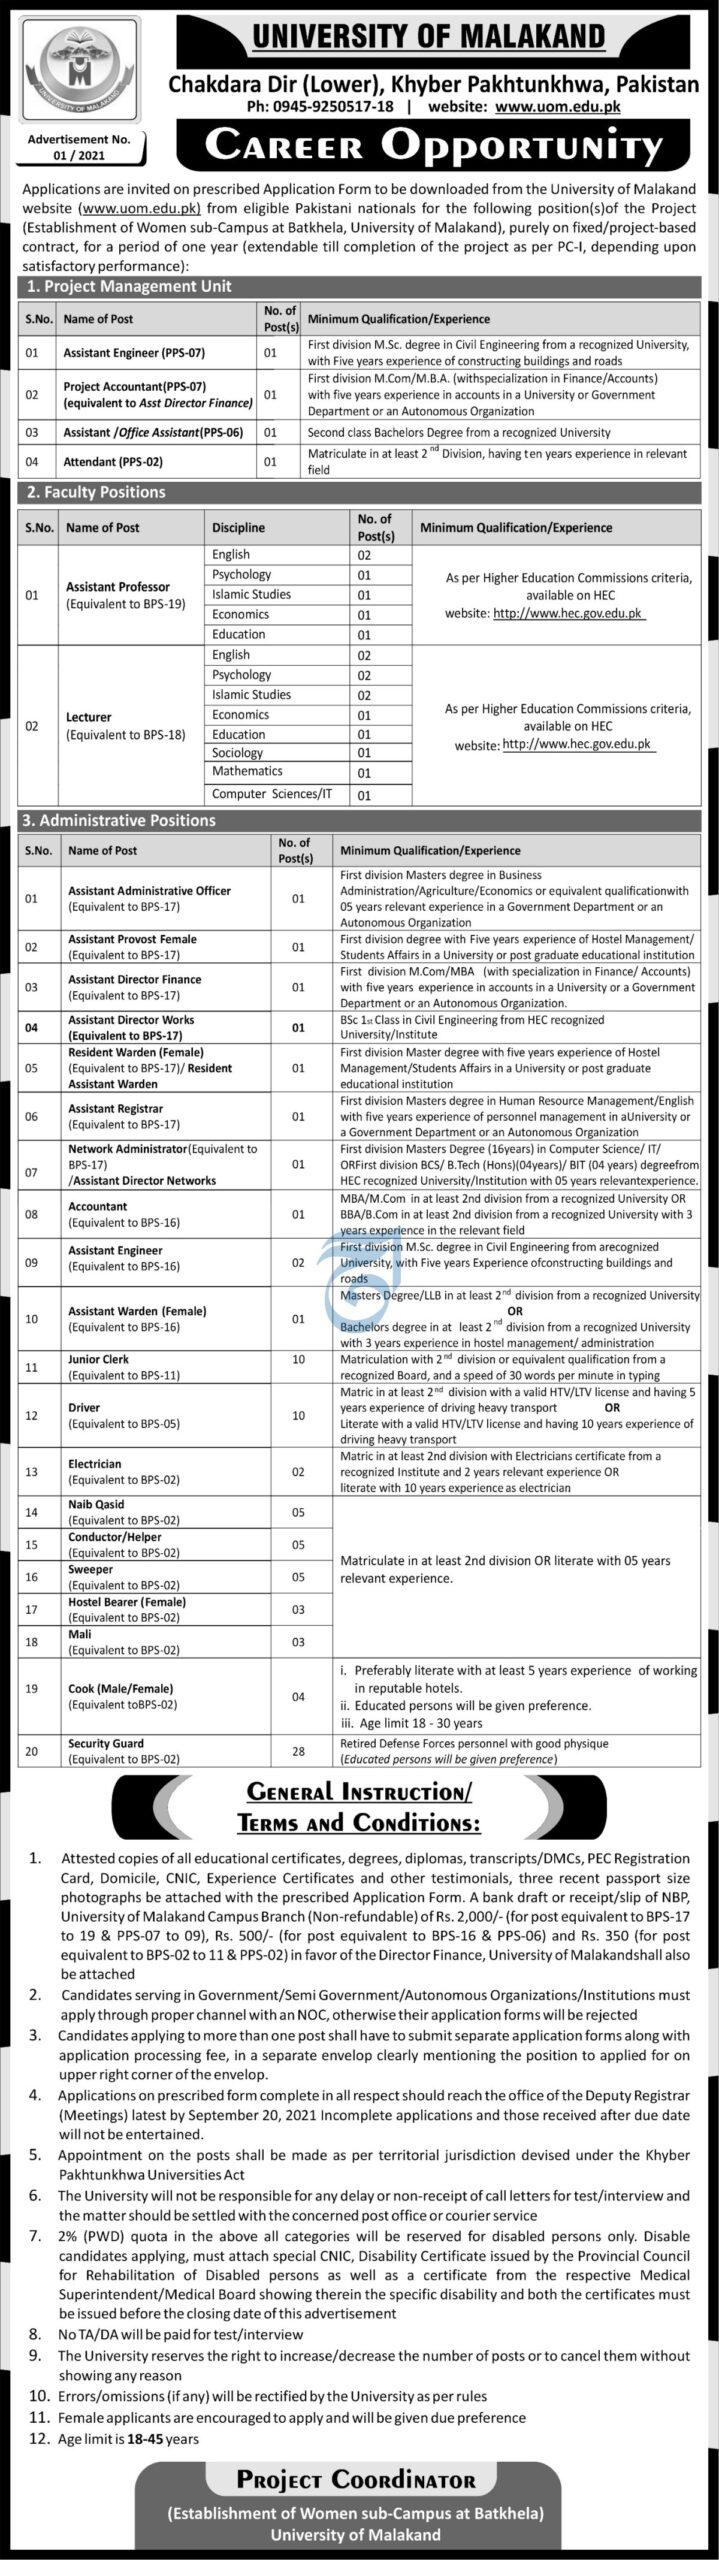 University of Malakand Jobs 2021 Advertisement